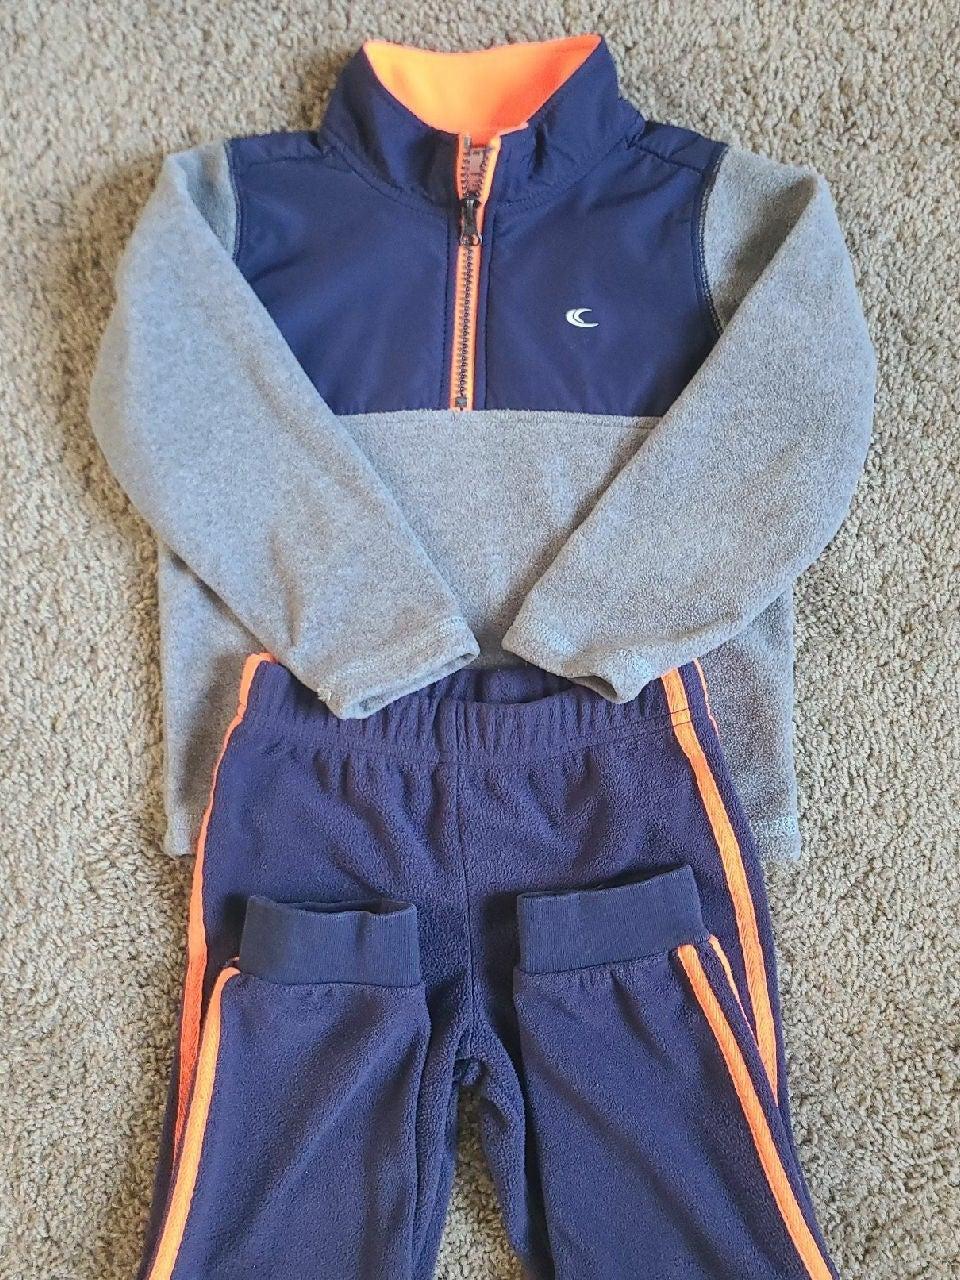 Carter's Sweat Suit Boys 4T